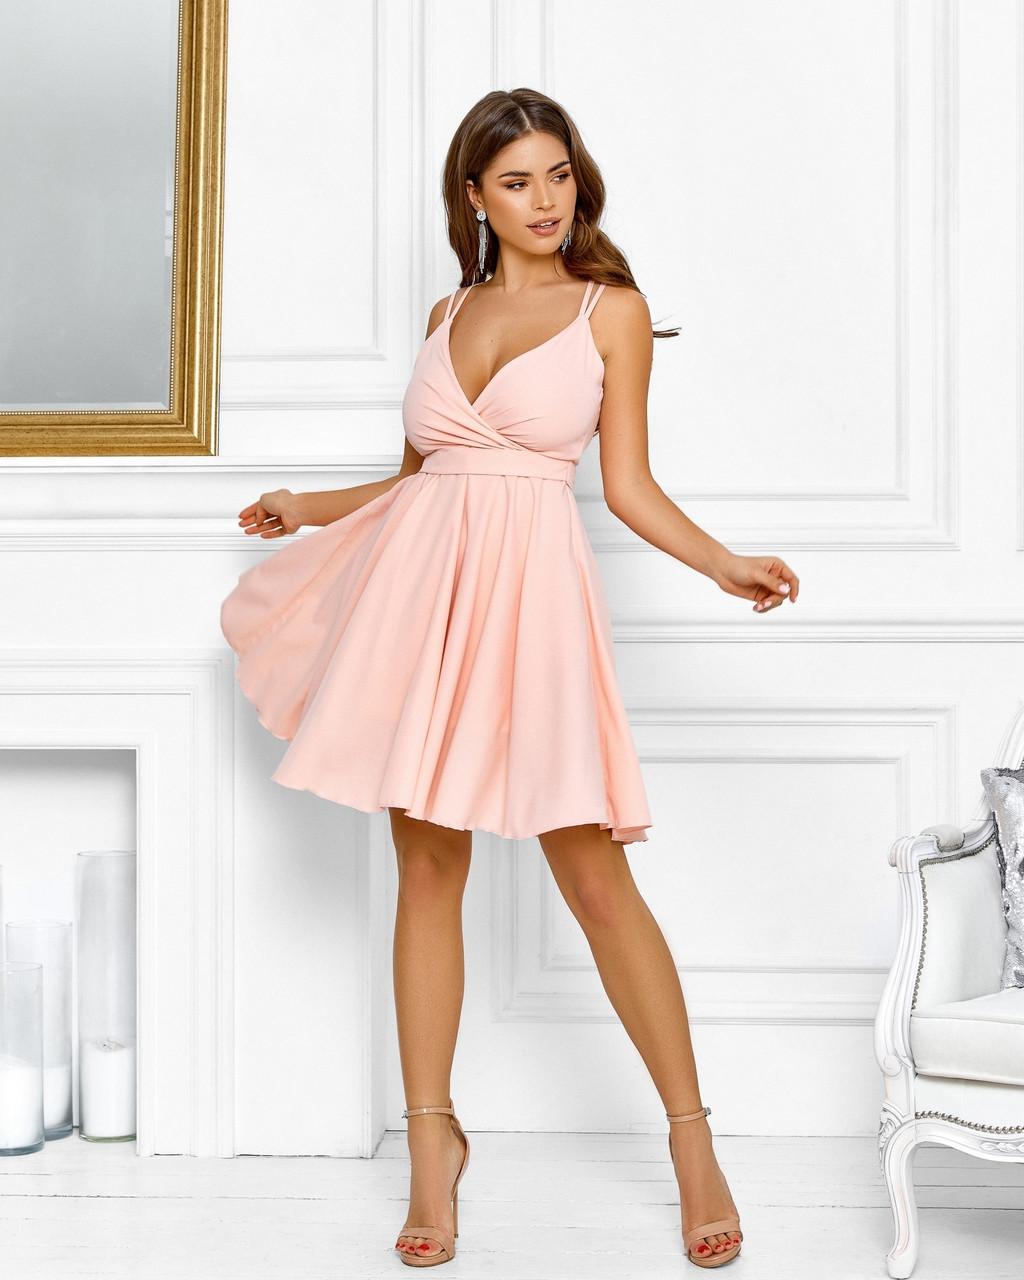 Нарядне жіноче плаття з красивим відкритим декольте, 00640 (Персиковий), Розмір 44 (M)